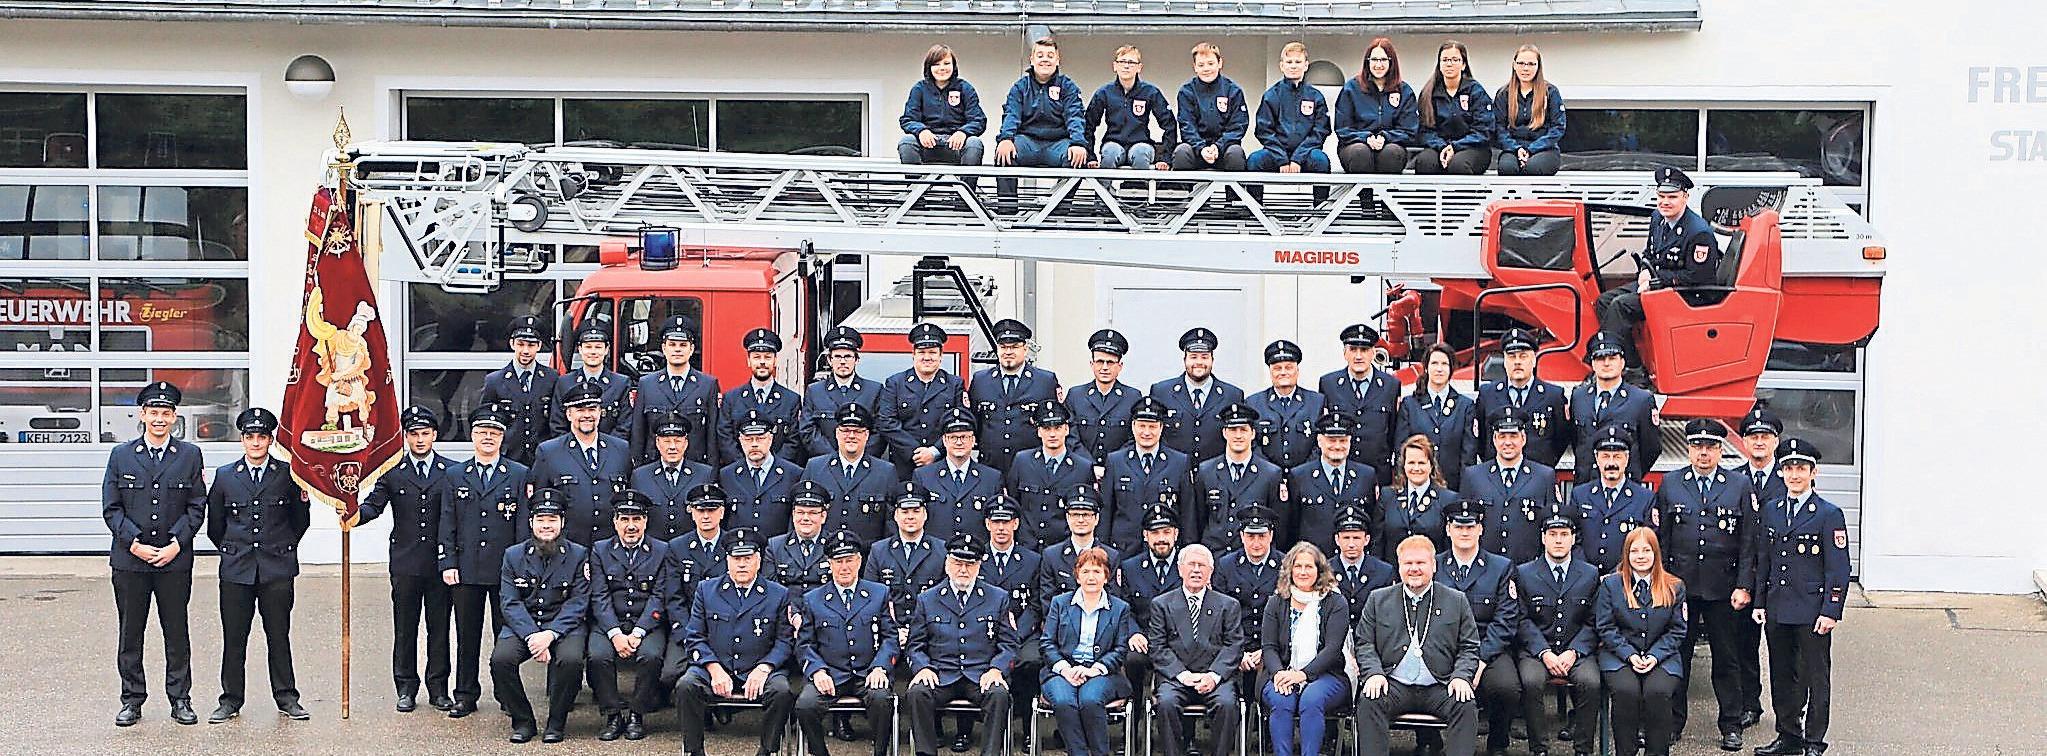 In der Freiwilligen Feuerwehr Riedenburg leisten 89 aktive Mitglieder ihren Dienst am Gemeinwohl. Foto: FFW Riedenburg